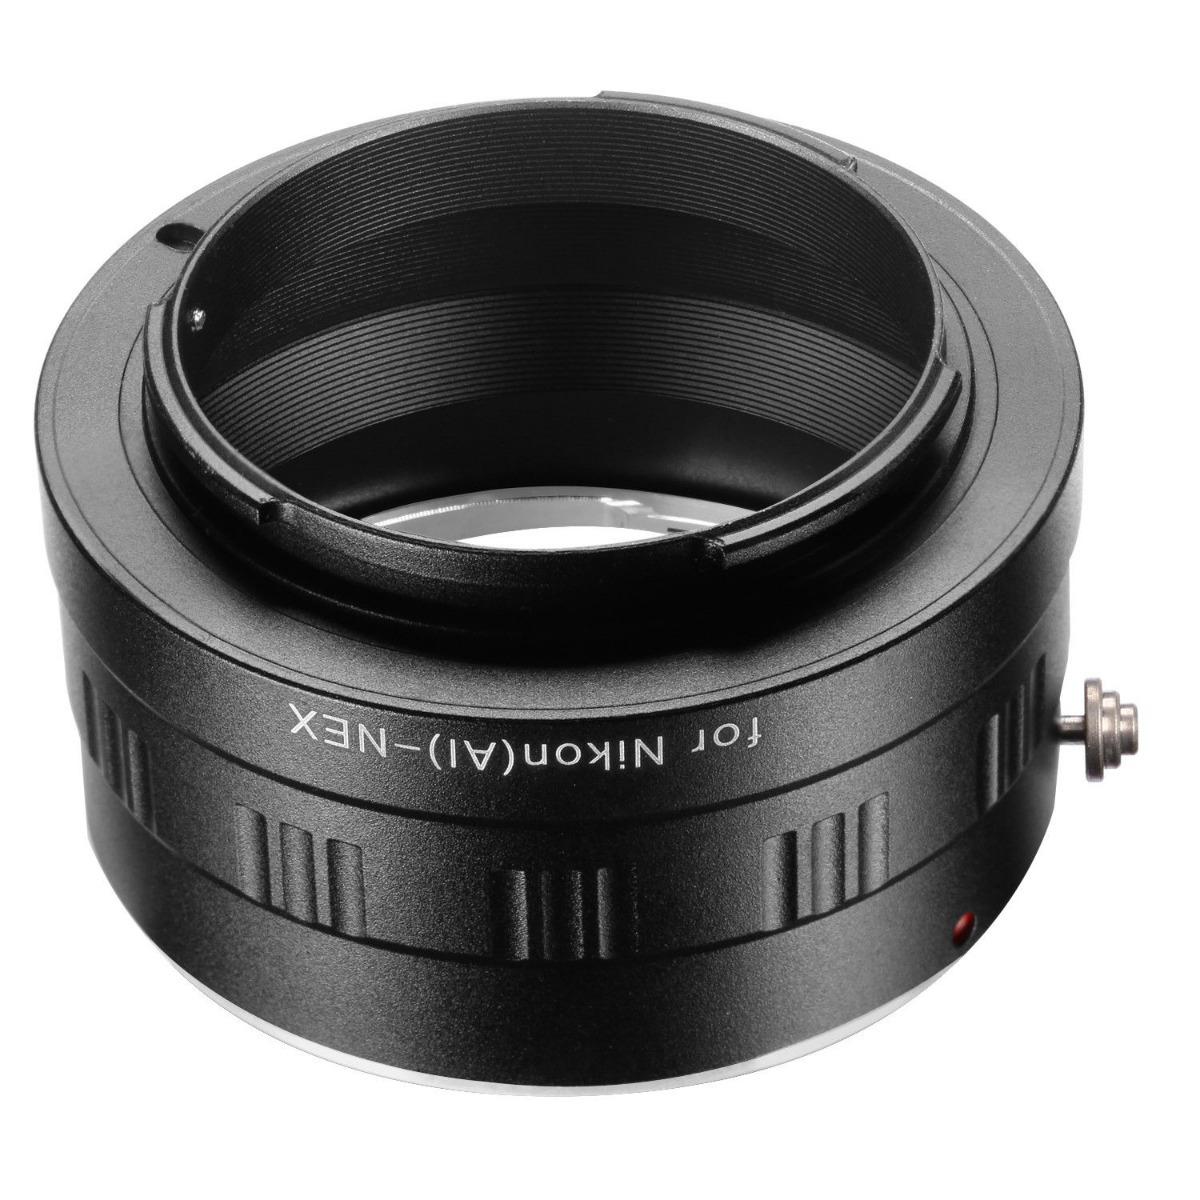 Adaptador Lentes Nikon G/cámaras Sony Nex Montura E A7 Ilse ...